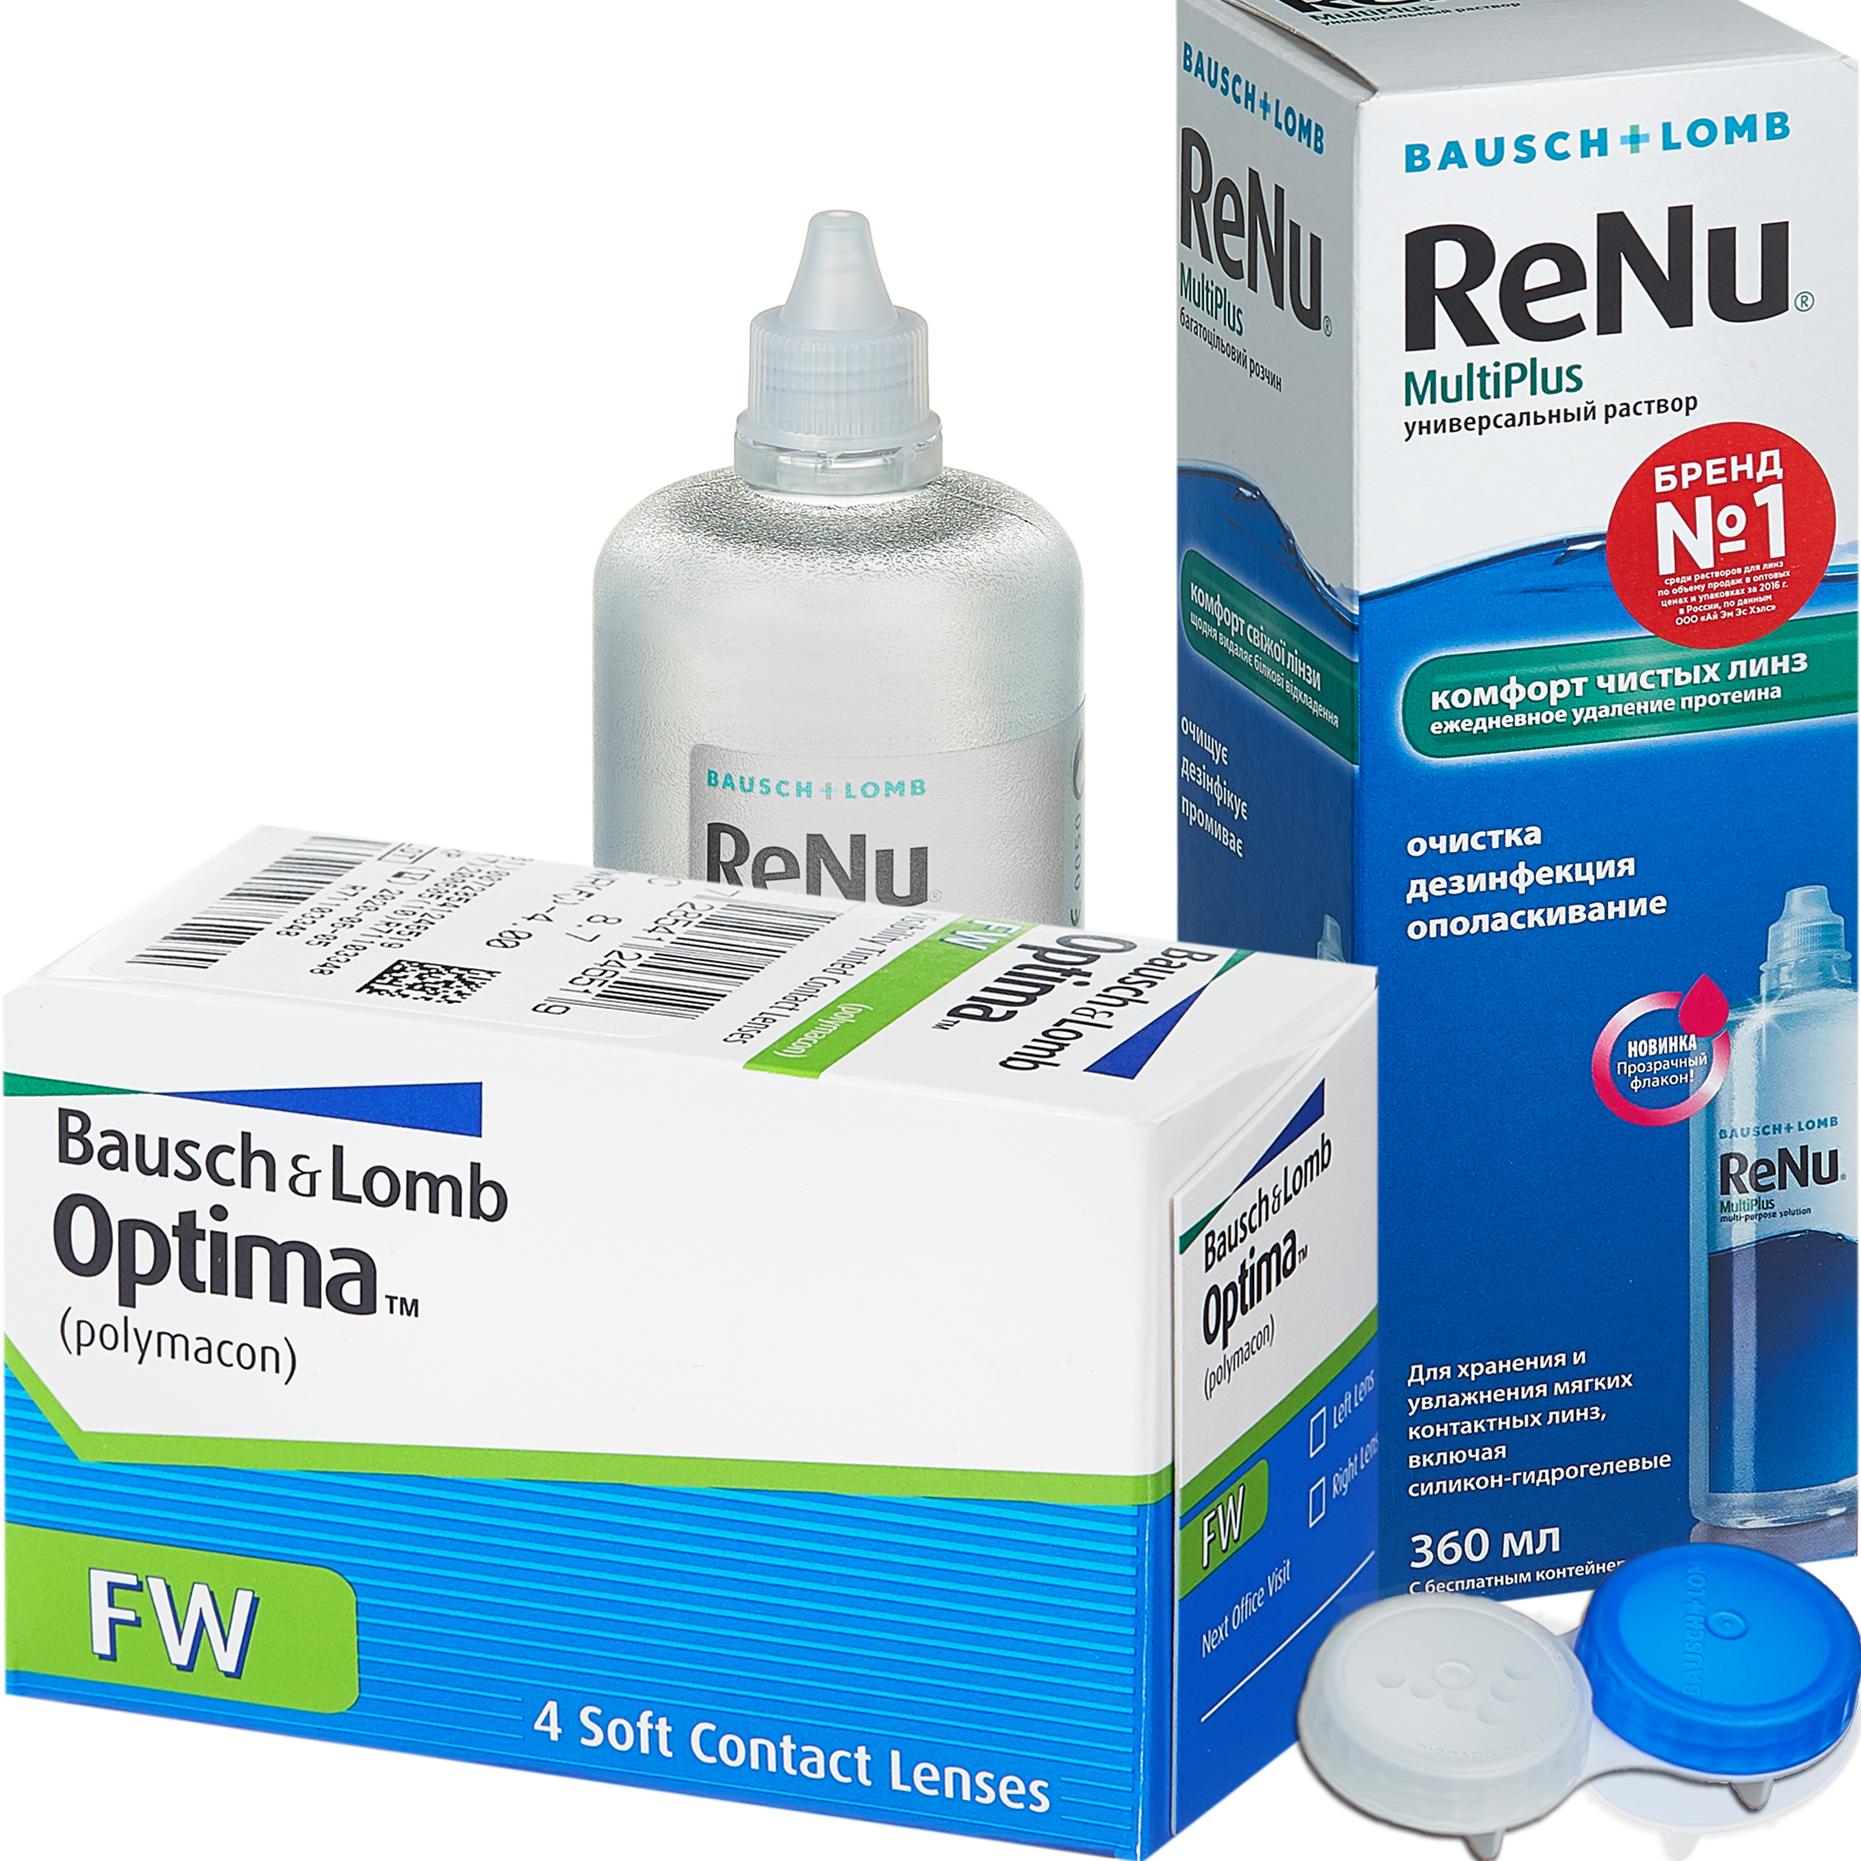 Купить Optima FW 4 линзы + ReNu MultiPlus, Контактные линзы Optima FW 4 линзы R 8.7 -4, 50 + Раствор ReNu Multi Plus 360 мл